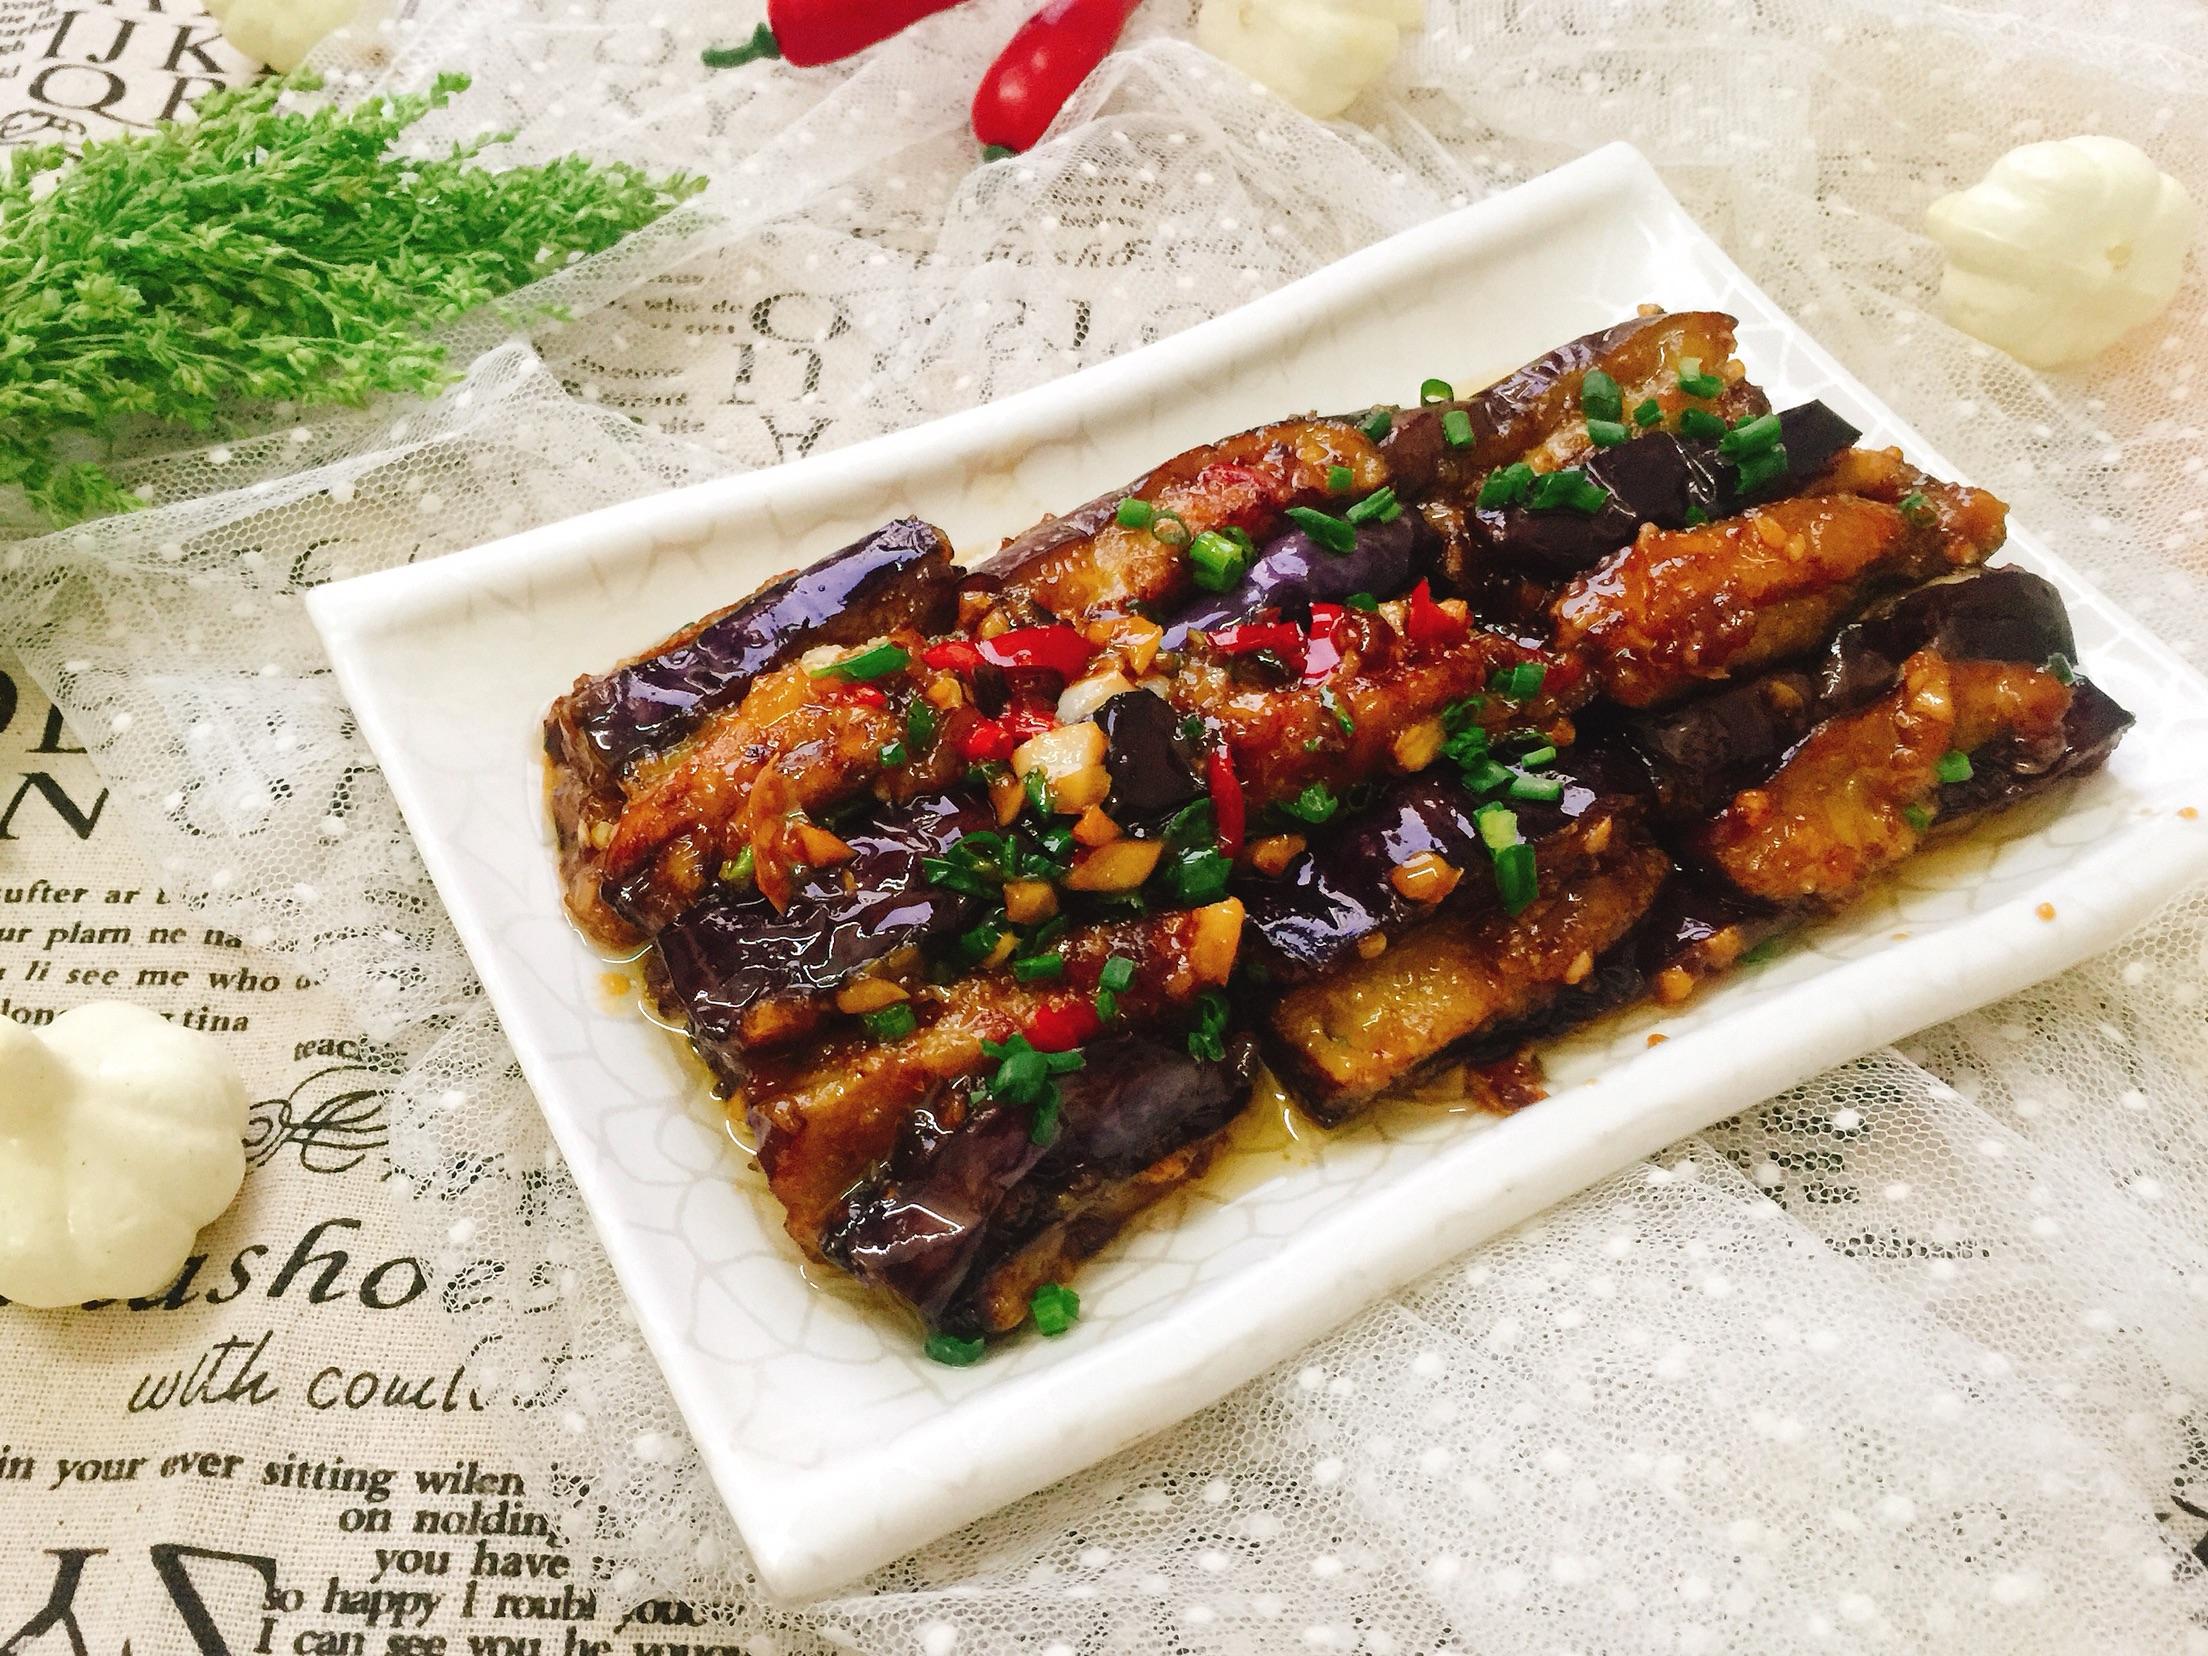 糖醋茄子的做法_【图解】糖醋茄子怎么做如何做好吃